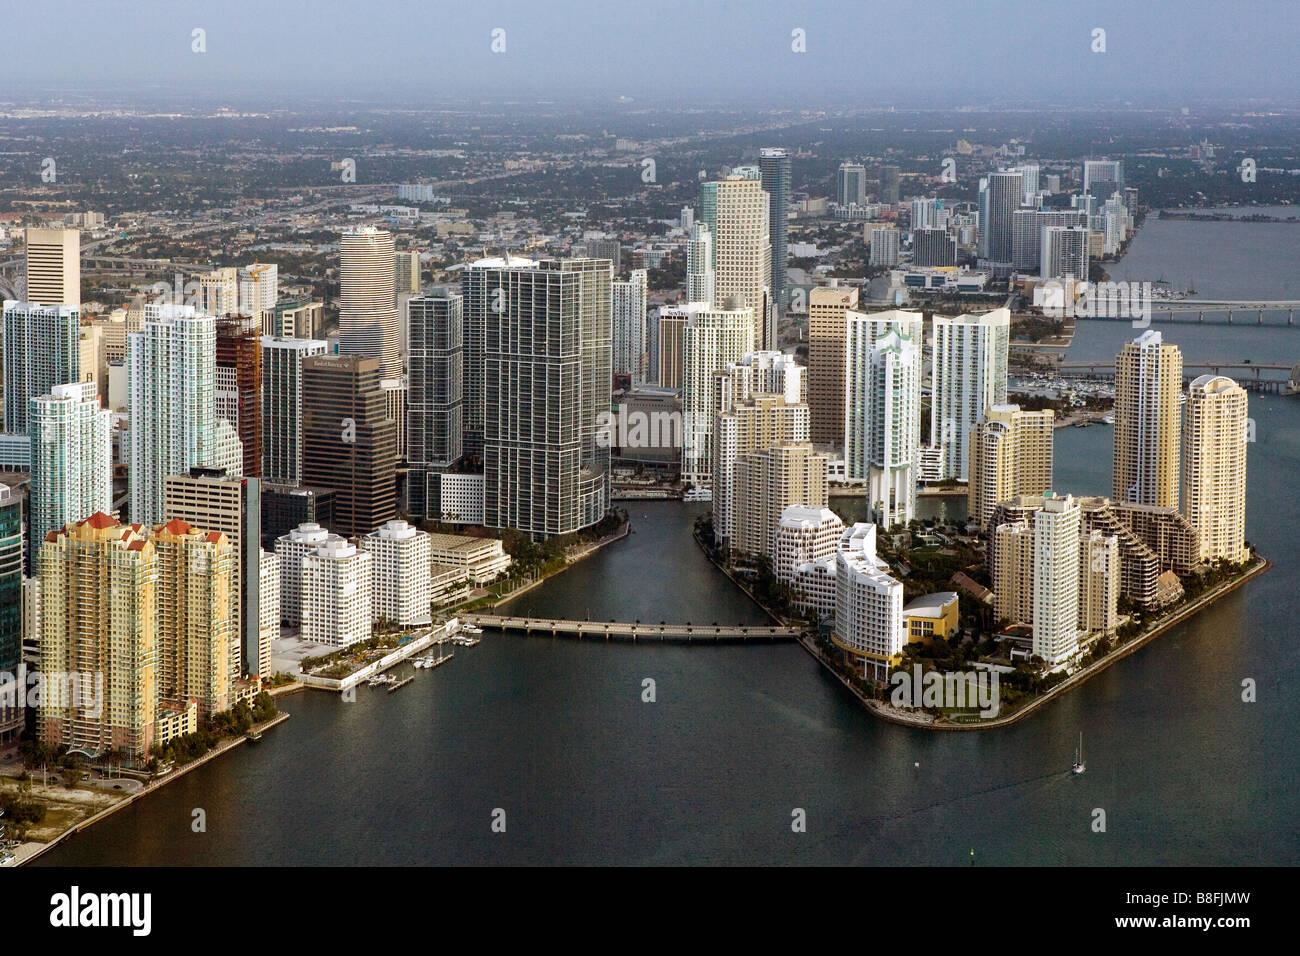 Vista aerea sopra il centro di Miami Florida Immagini Stock